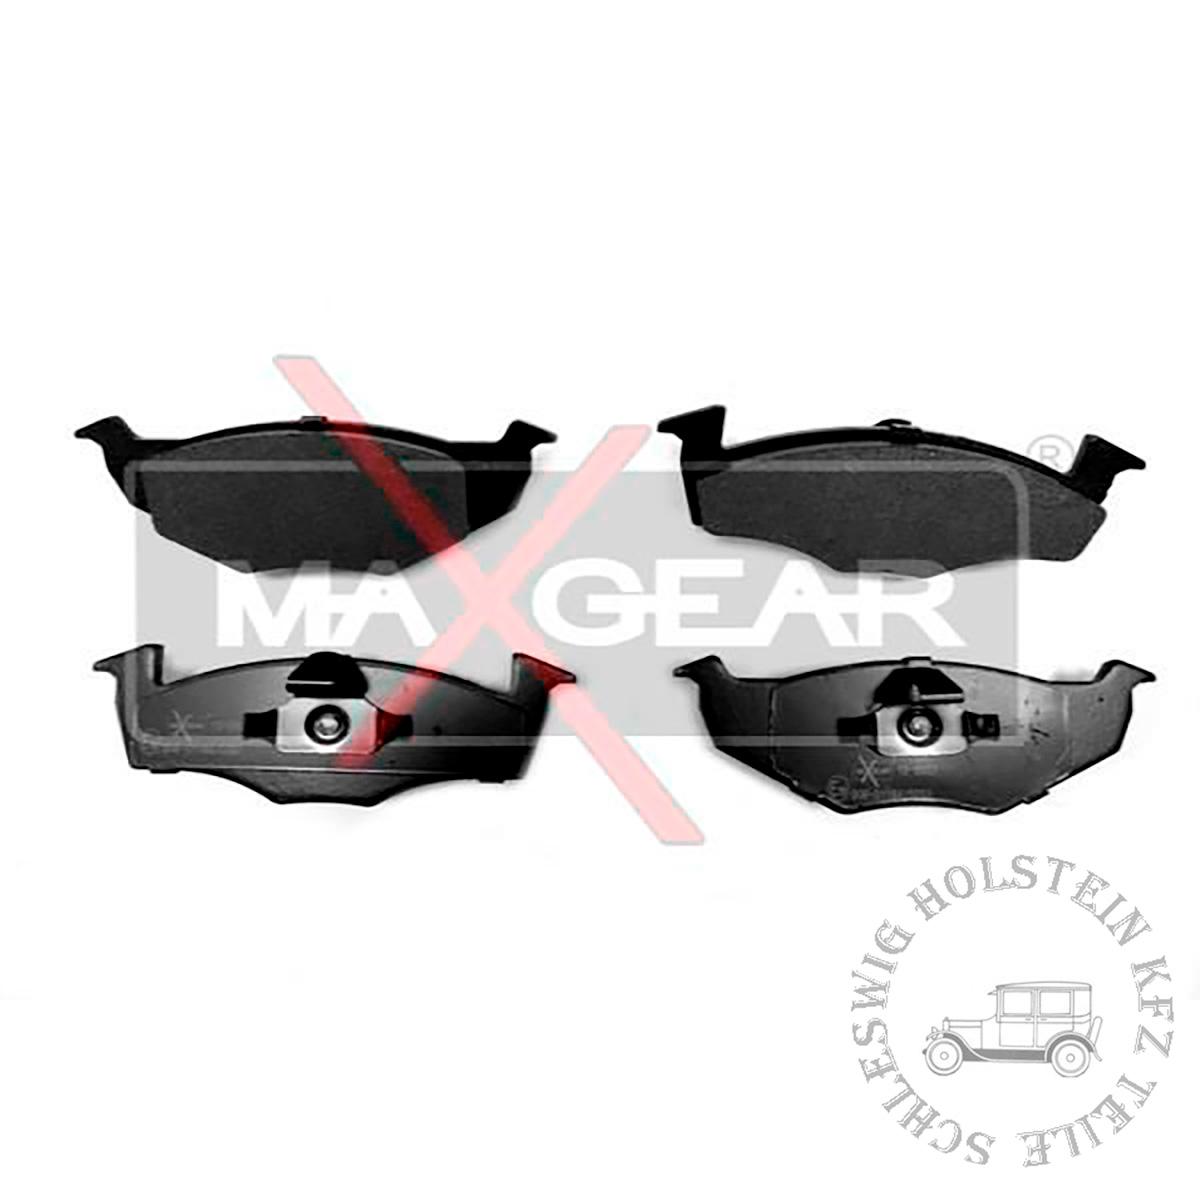 Bremsbelagsatz Vorne für VW LUPO (6X1, 6E1) 1.0